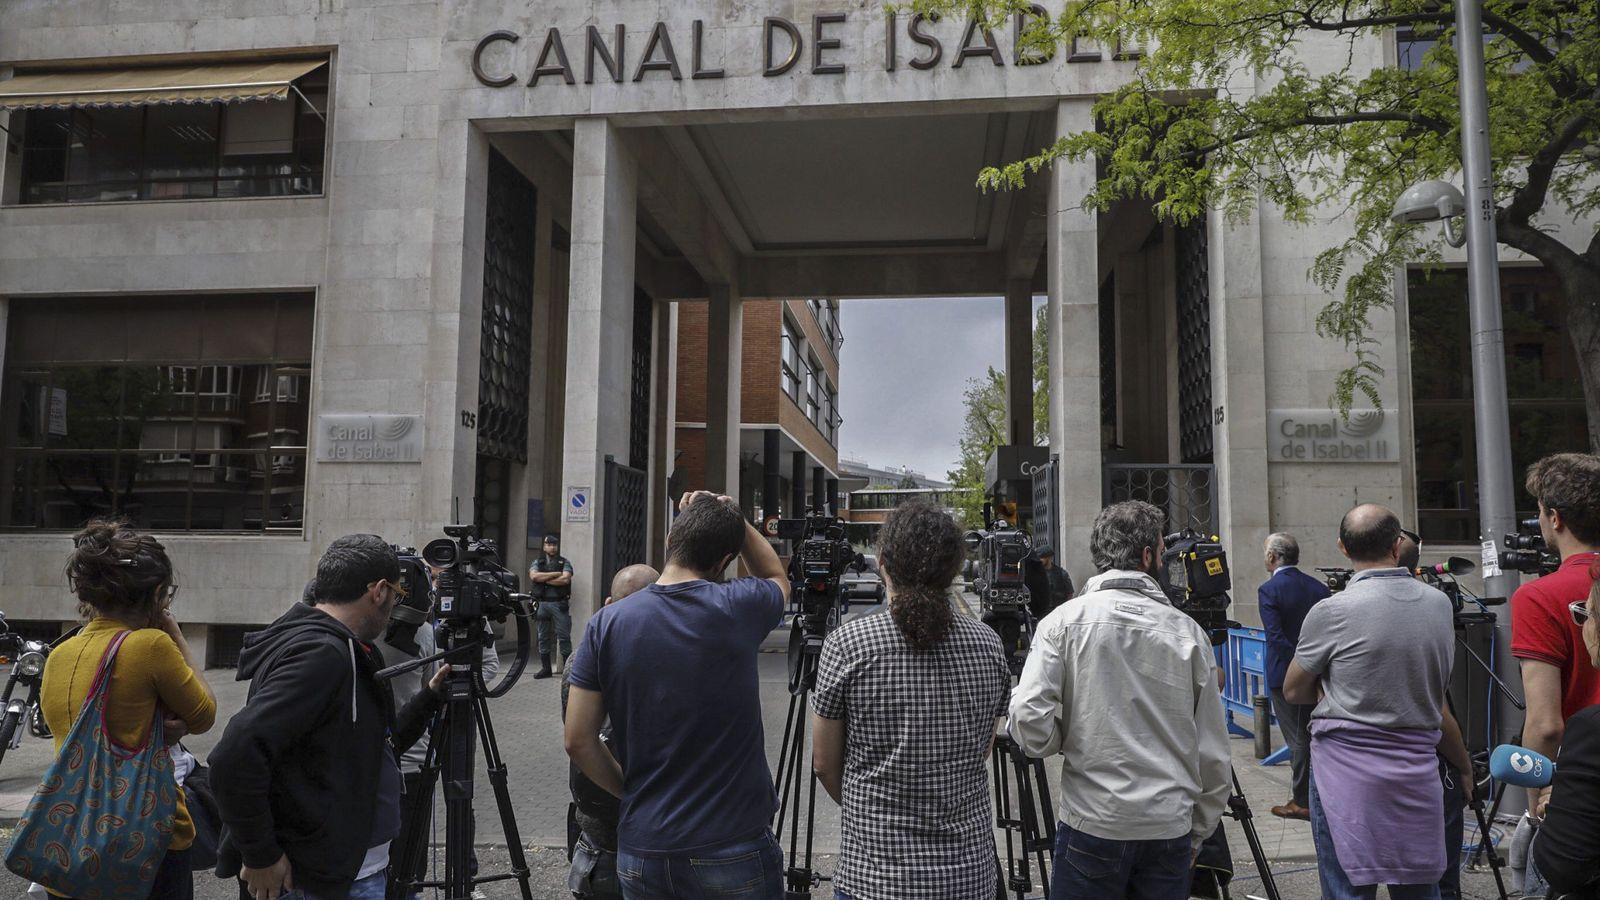 Foto: Expectación mediática ante la sede del Canal de Isabel II. (EFE)